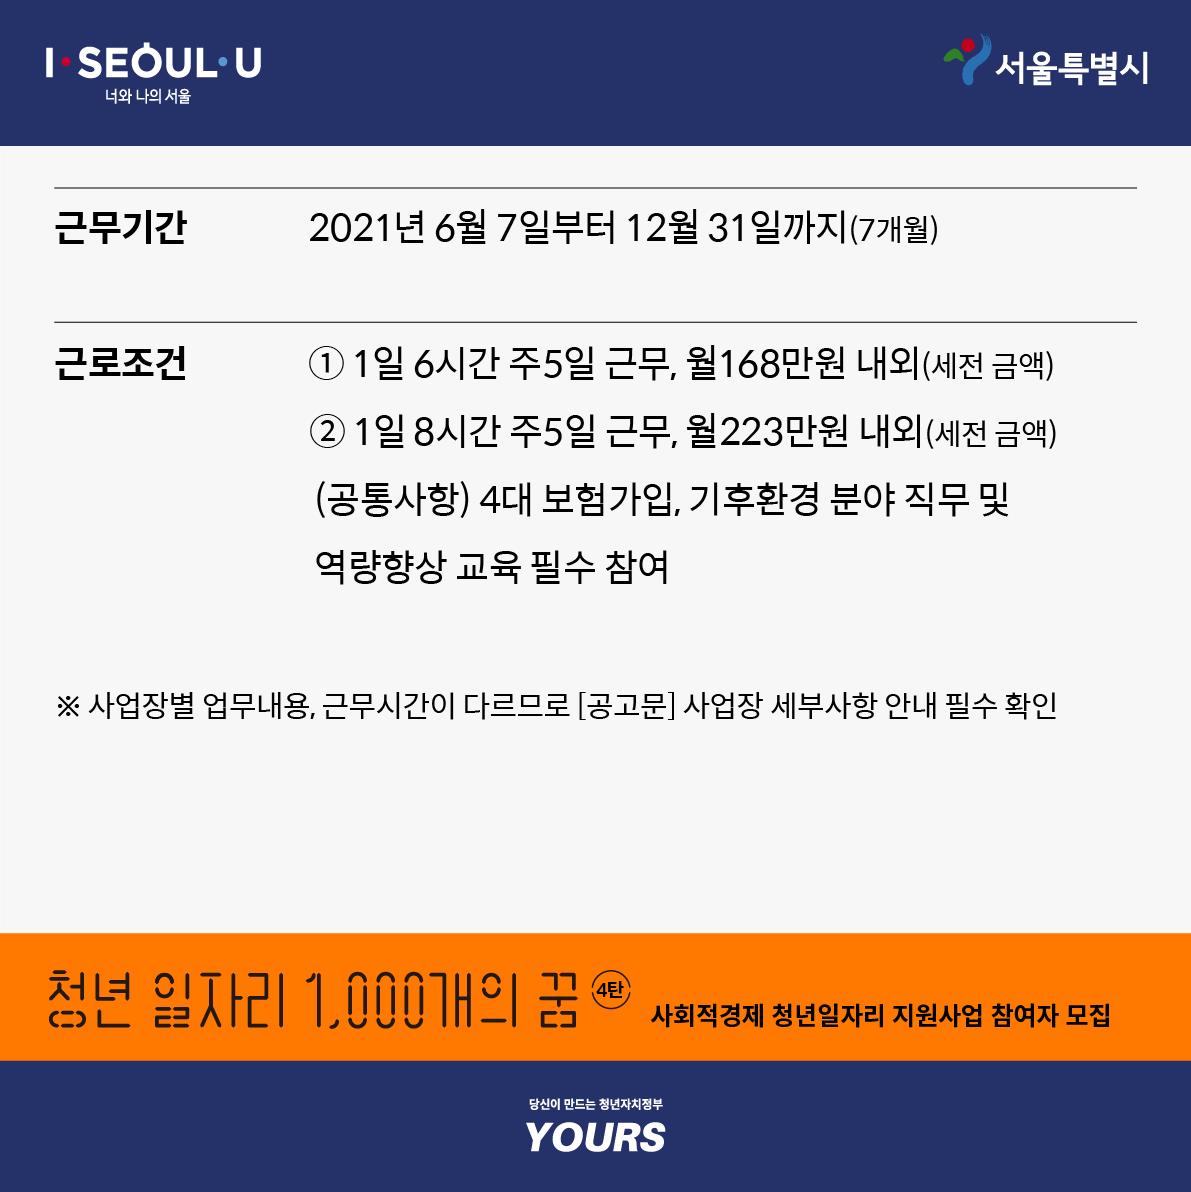 청년일자리_4탄사회적경제_카드뉴스_3.png